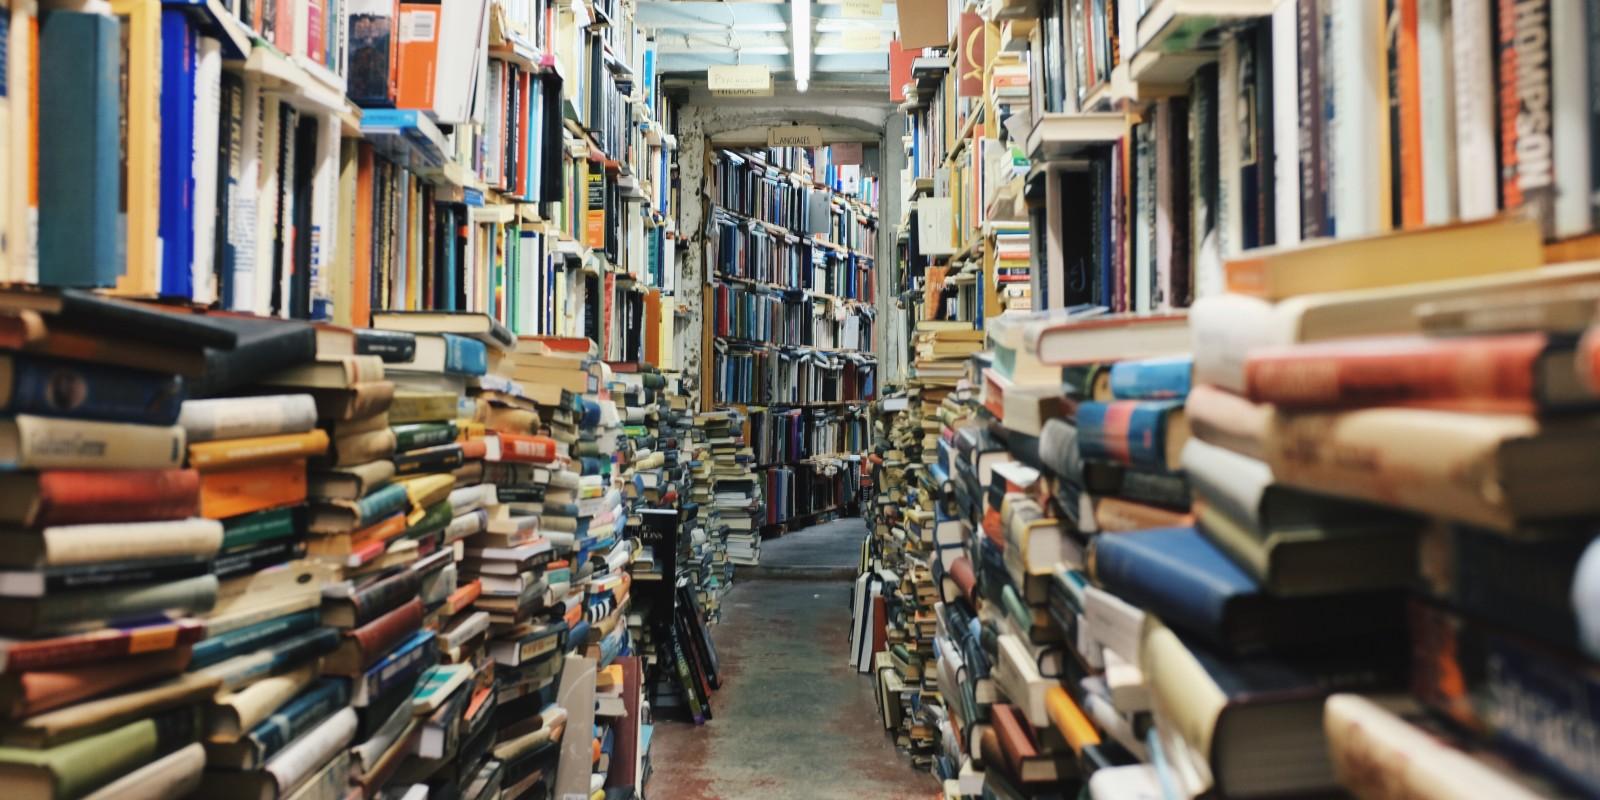 Guide til at købe bøger online billigt